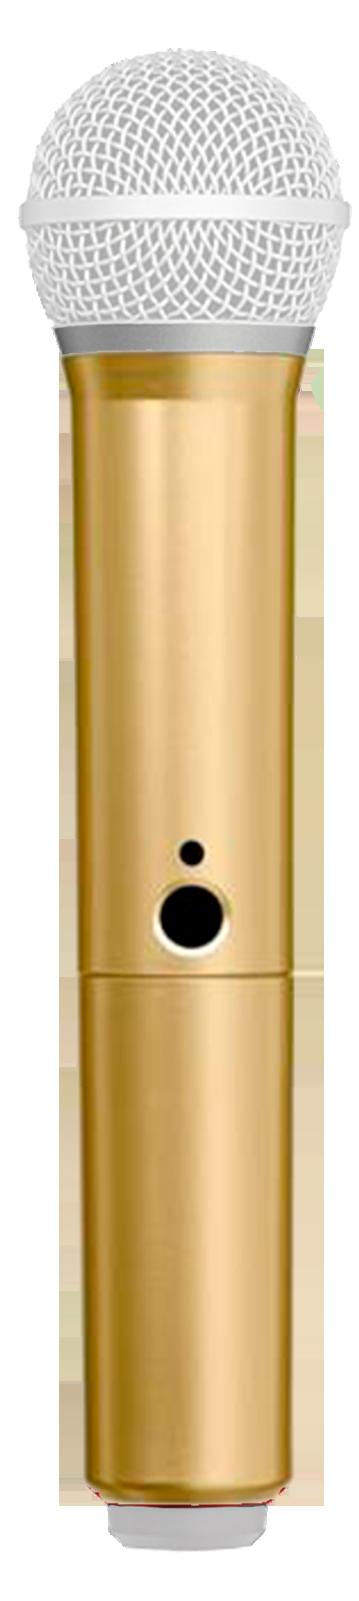 Manga decorativa en color oro para el transmisor de mano BLX con PG58